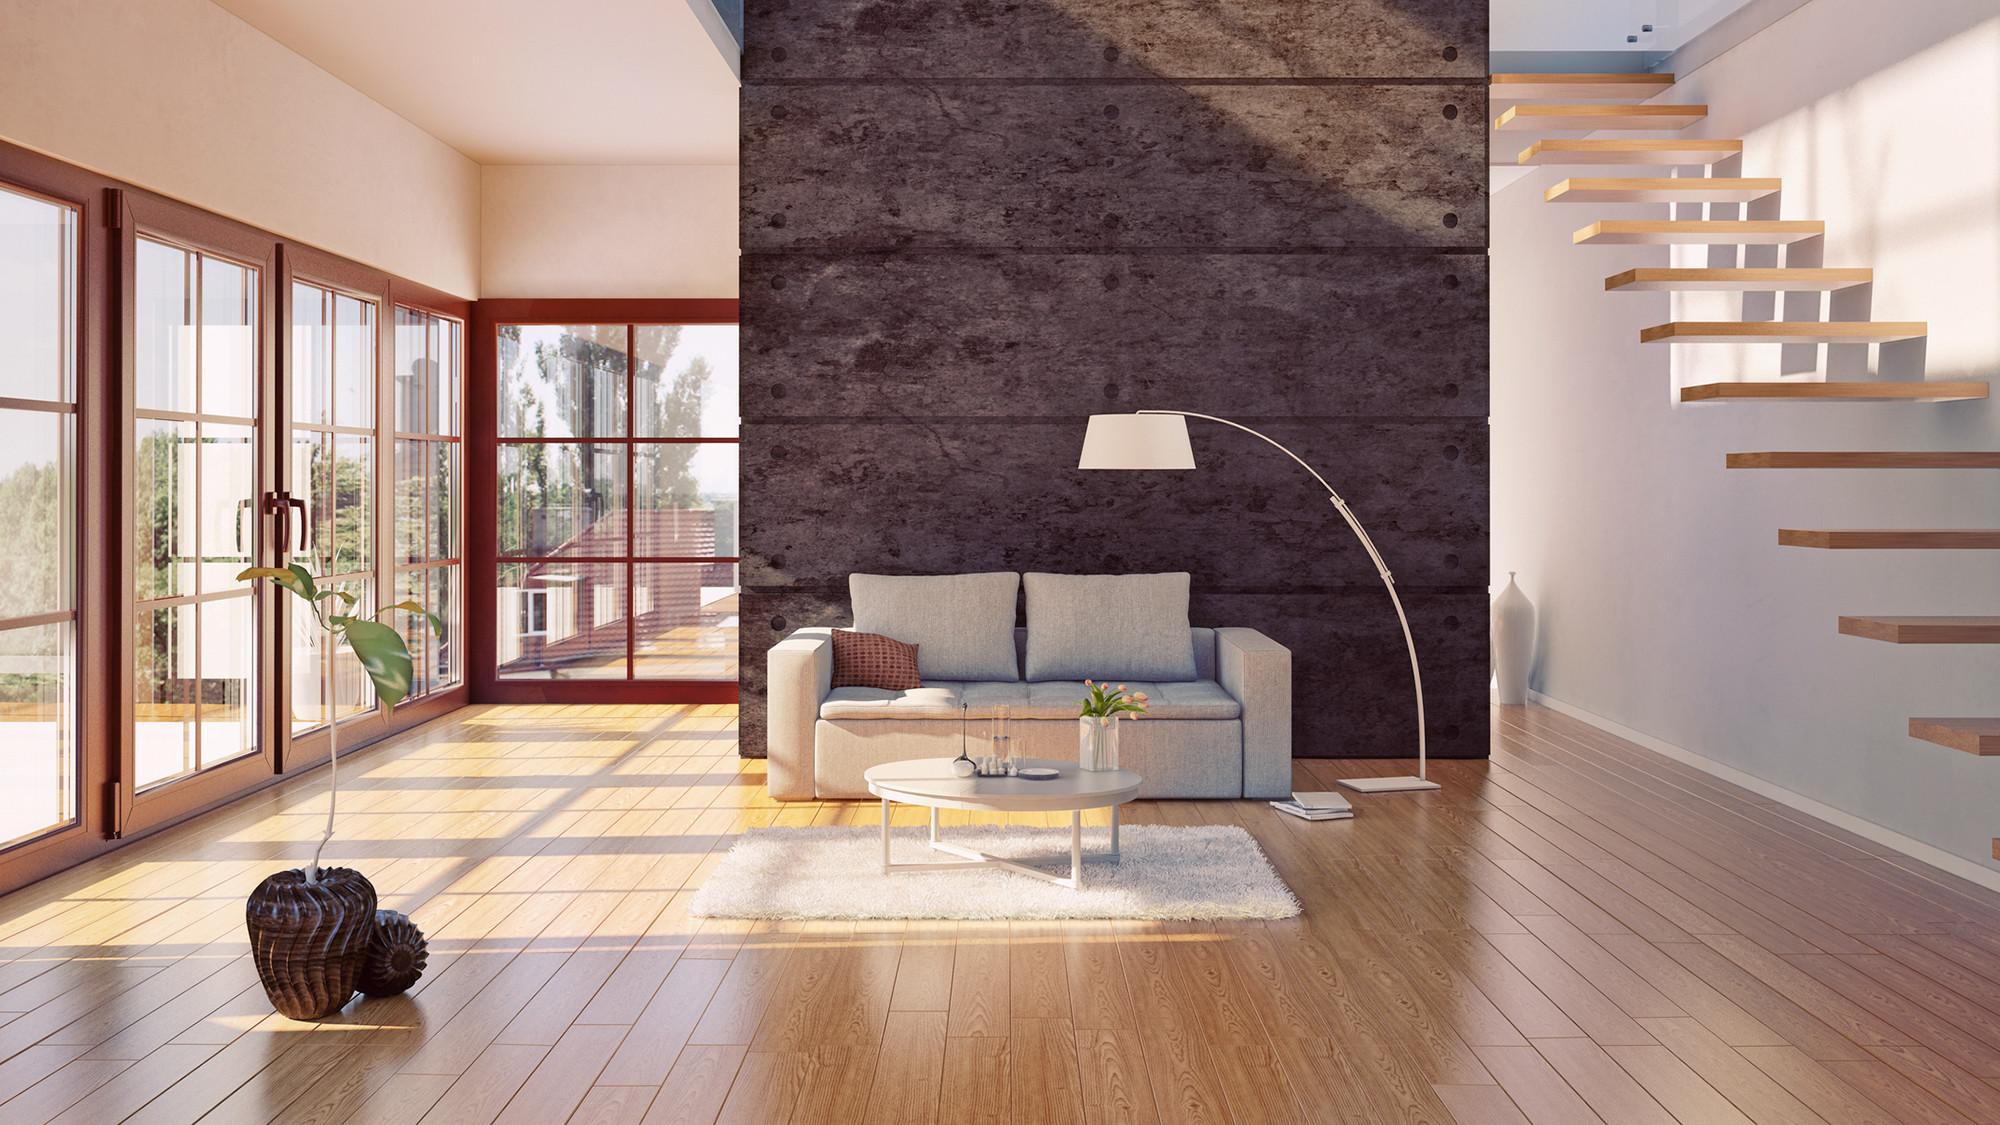 hardwood floors in bedroom or carpet of do hardwood floors provide the best return on investment realtor coma within hardwood floors investment